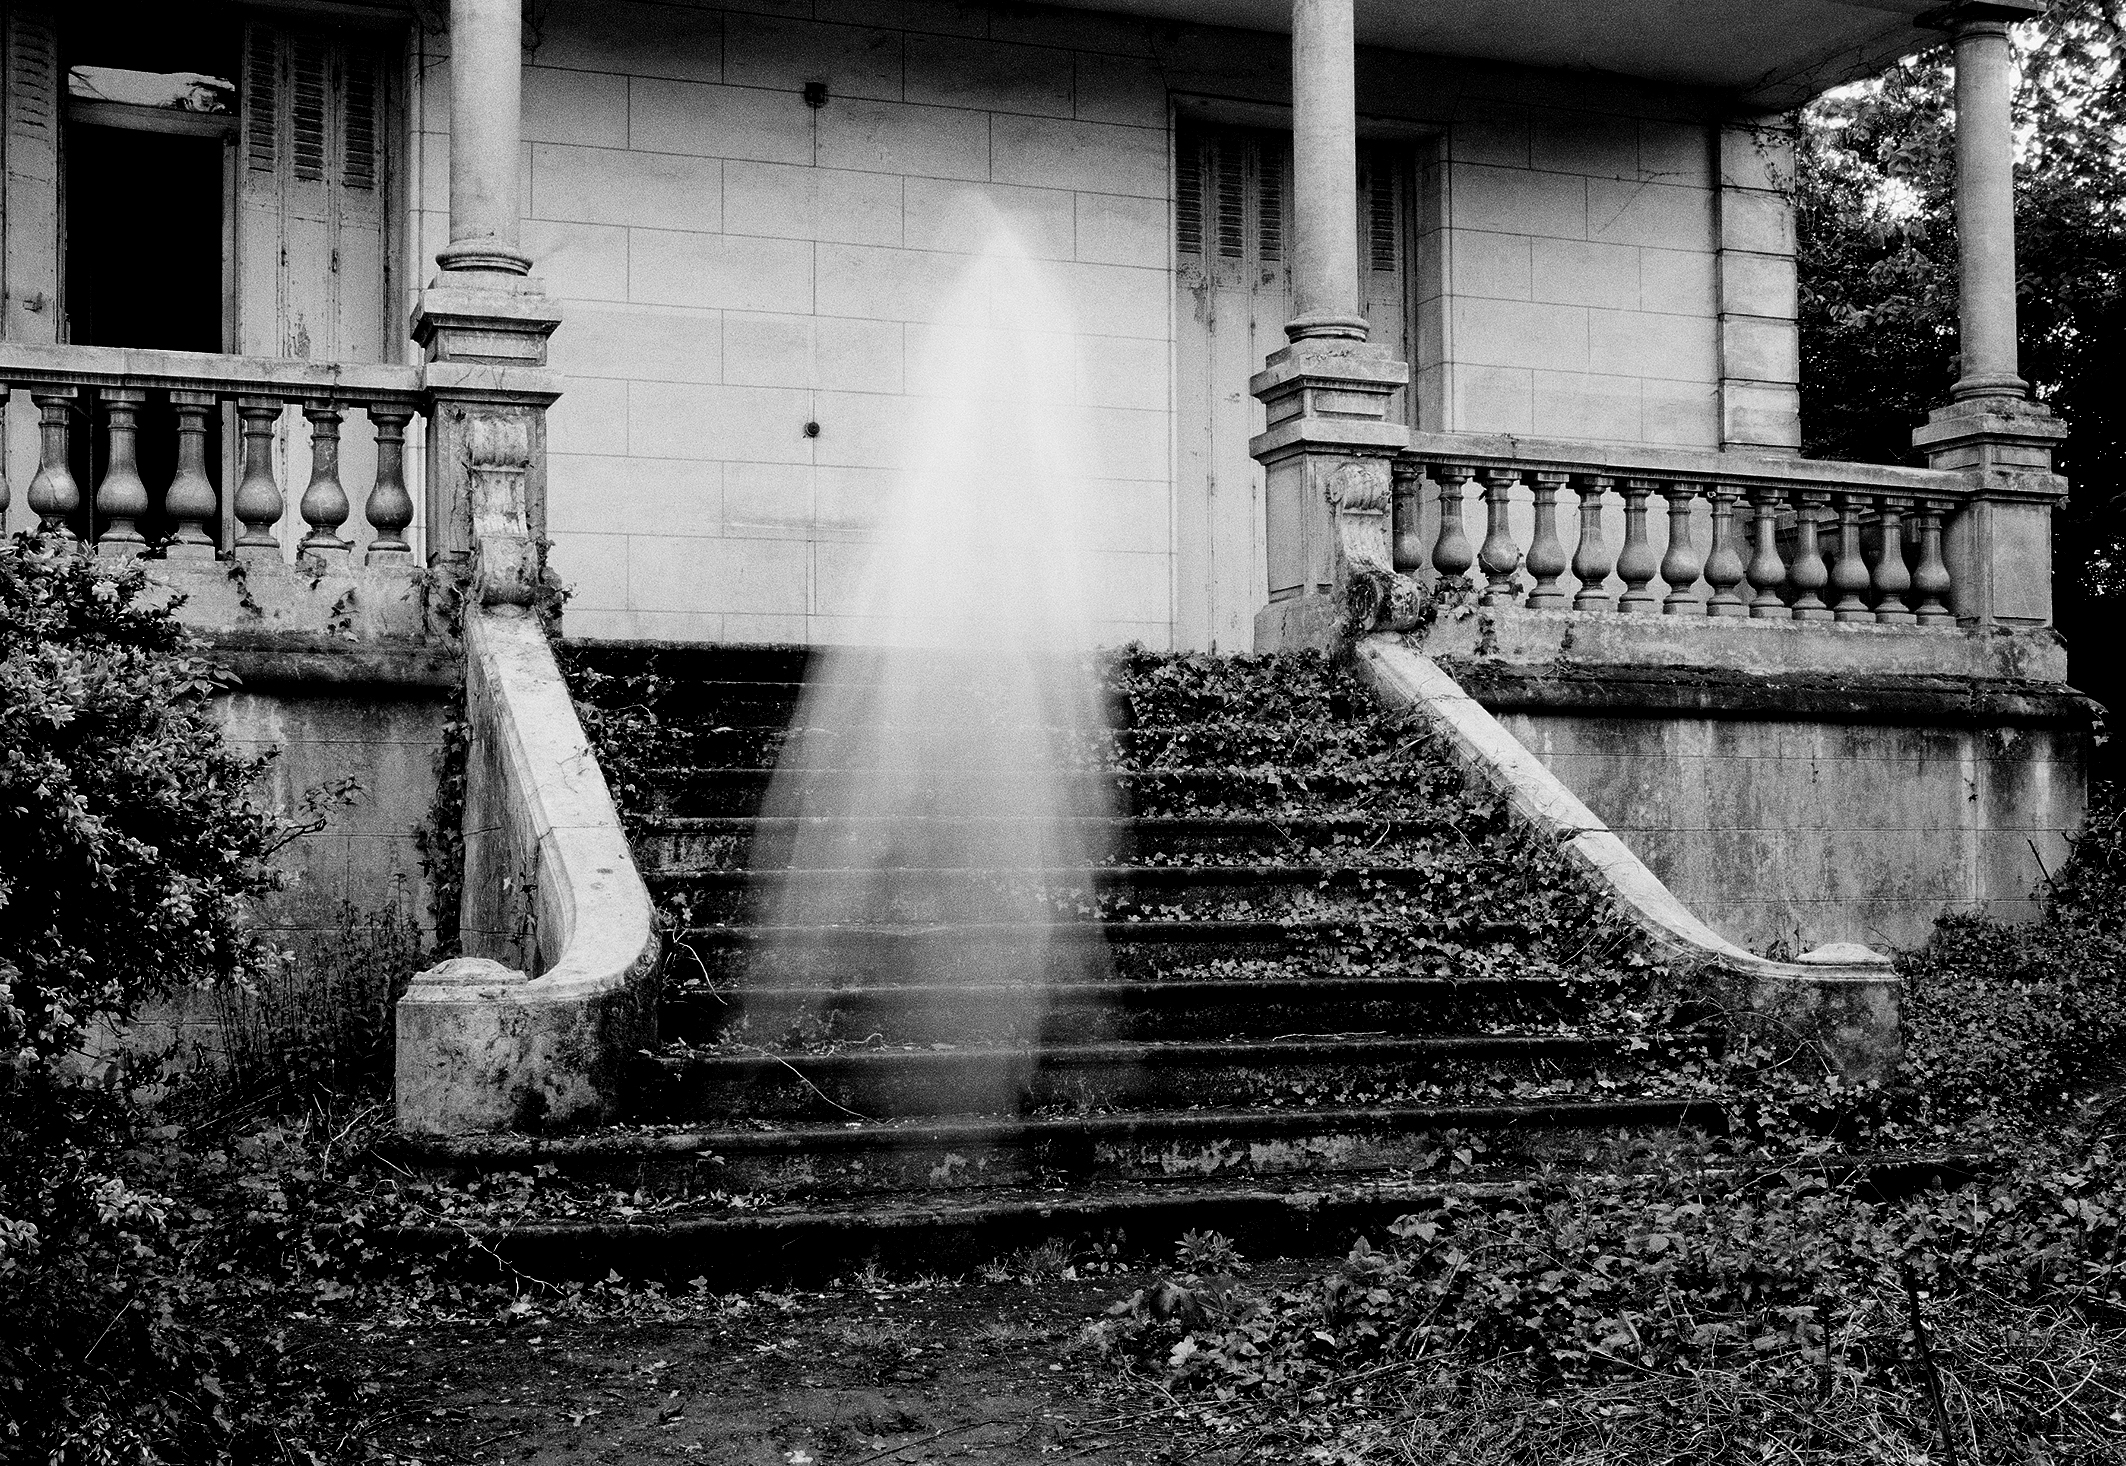 SONNIER-Paloue en fantôme, rue Boileau